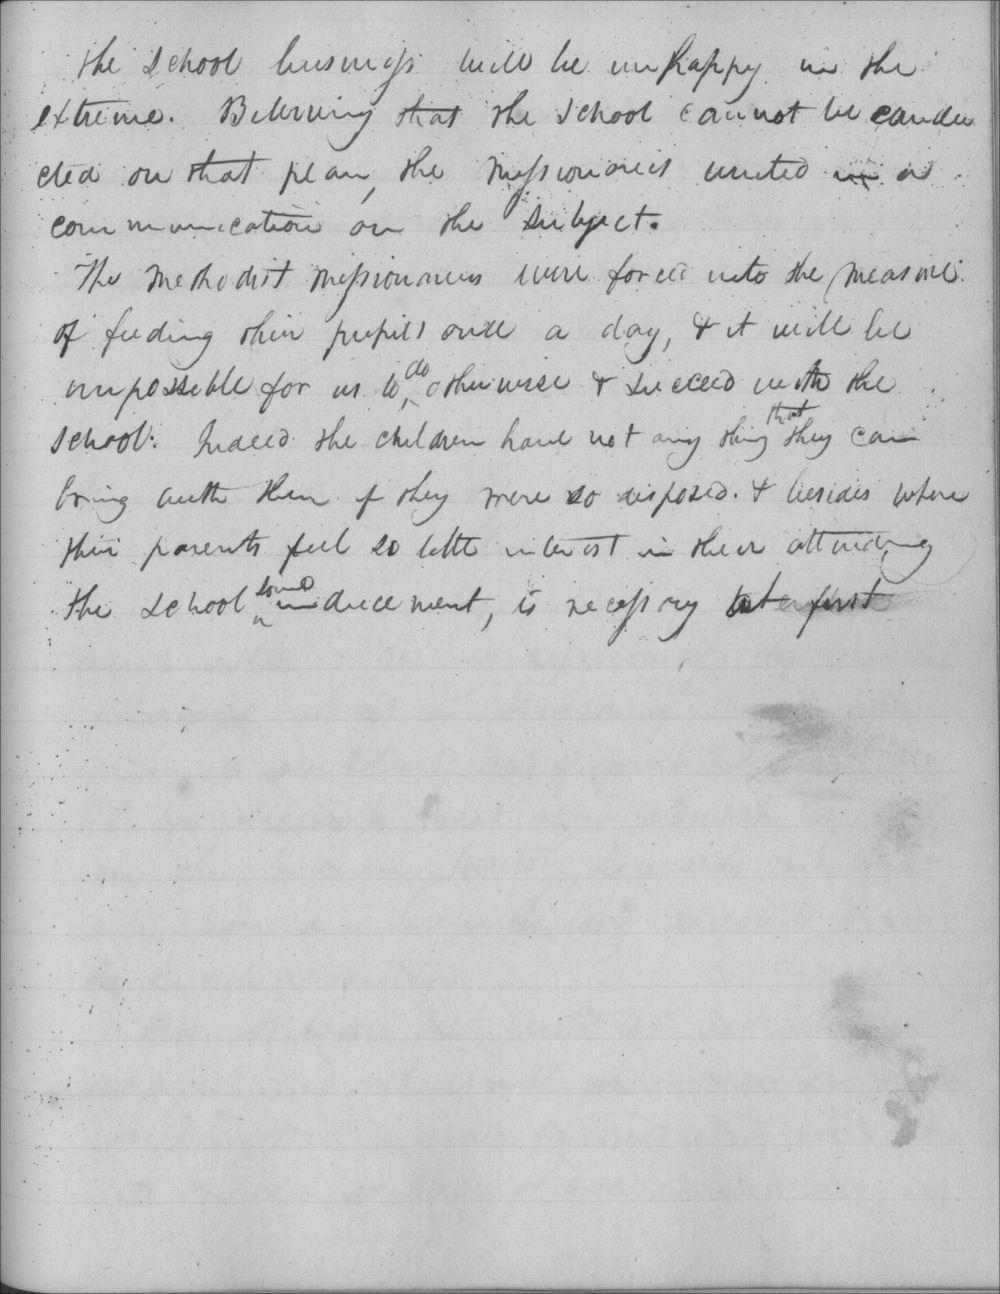 Johnston Lykins journal entry, October 27, 1832 - 2